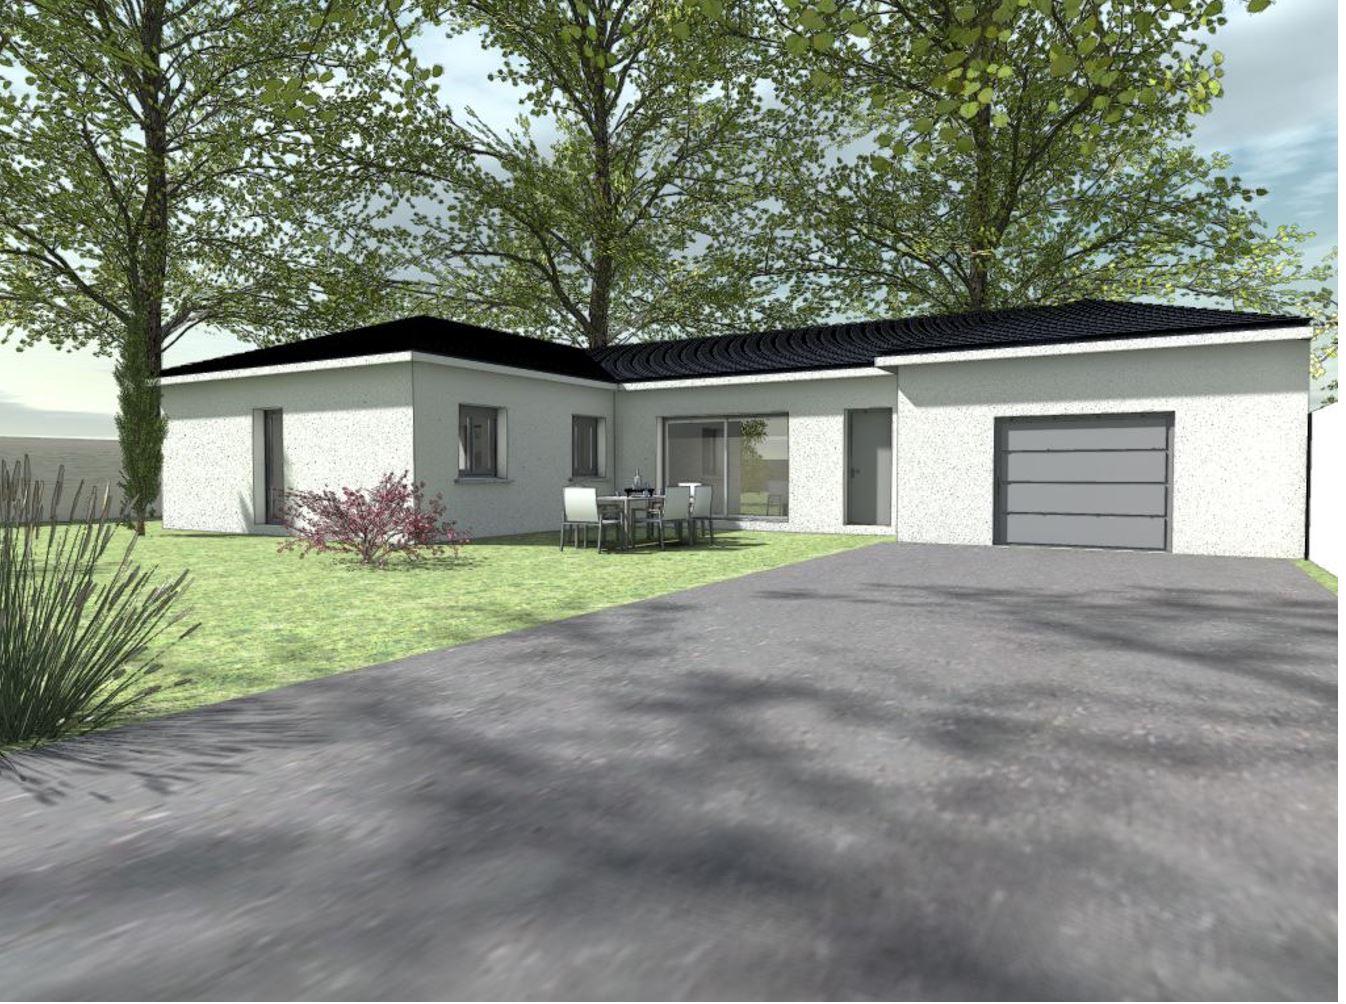 Maisons + Terrains du constructeur HABITAT SUD EST • 100 m² • ALISSAS